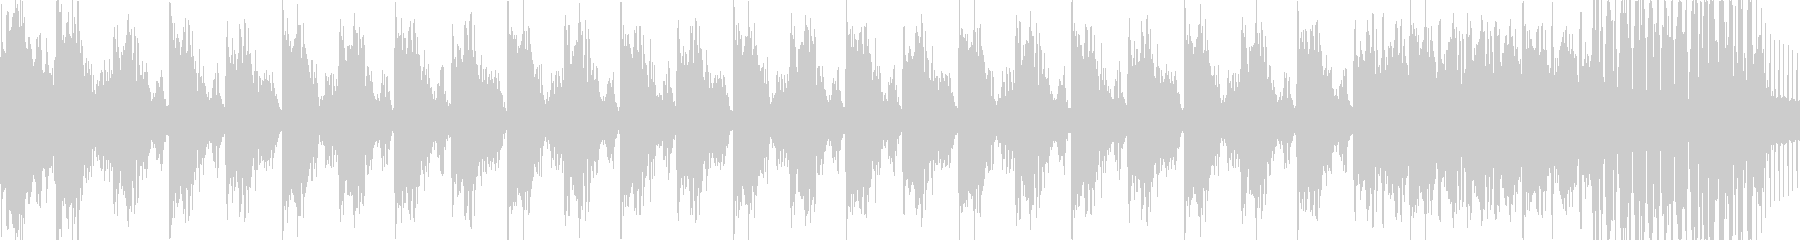 トランス・ハウス系BGM(ループ)の未再生の波形